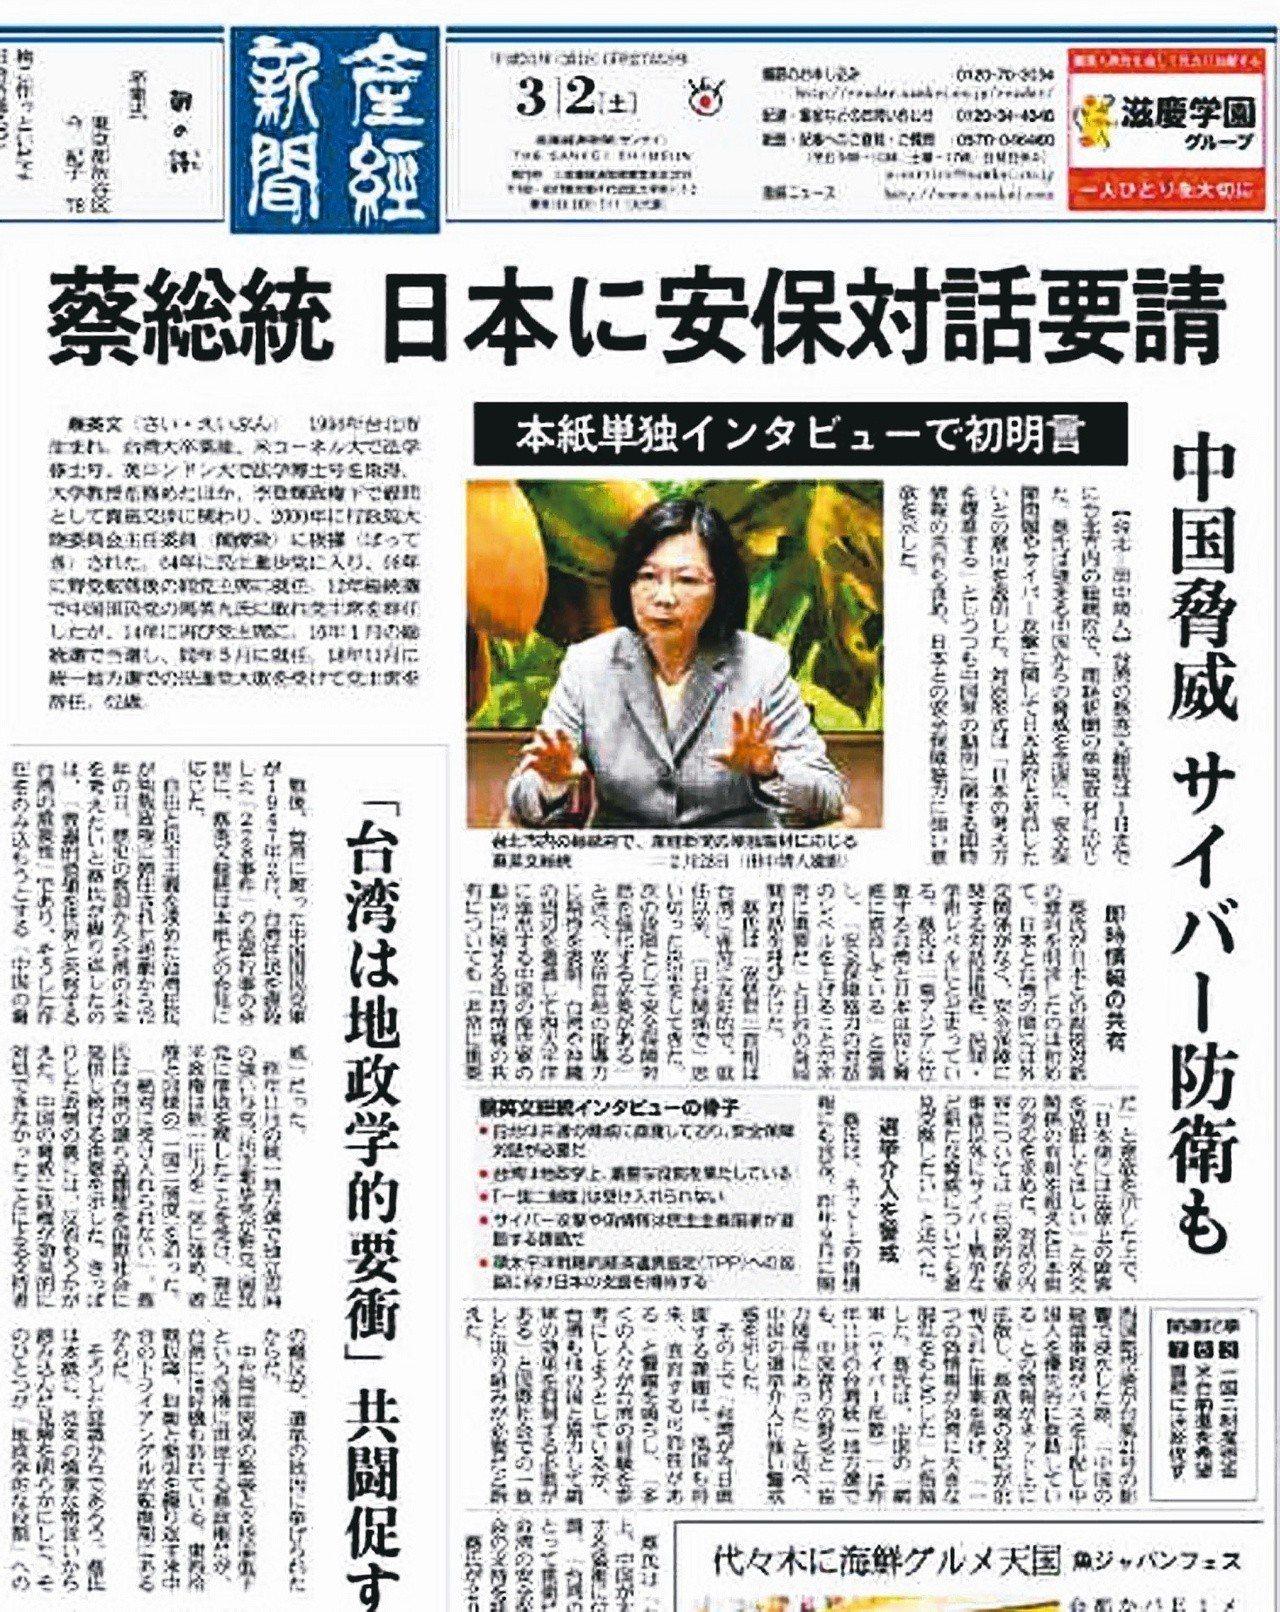 蔡英文總統日前在總統府接受日本《產經新聞》專訪。圖/擷自日本產經新聞網站